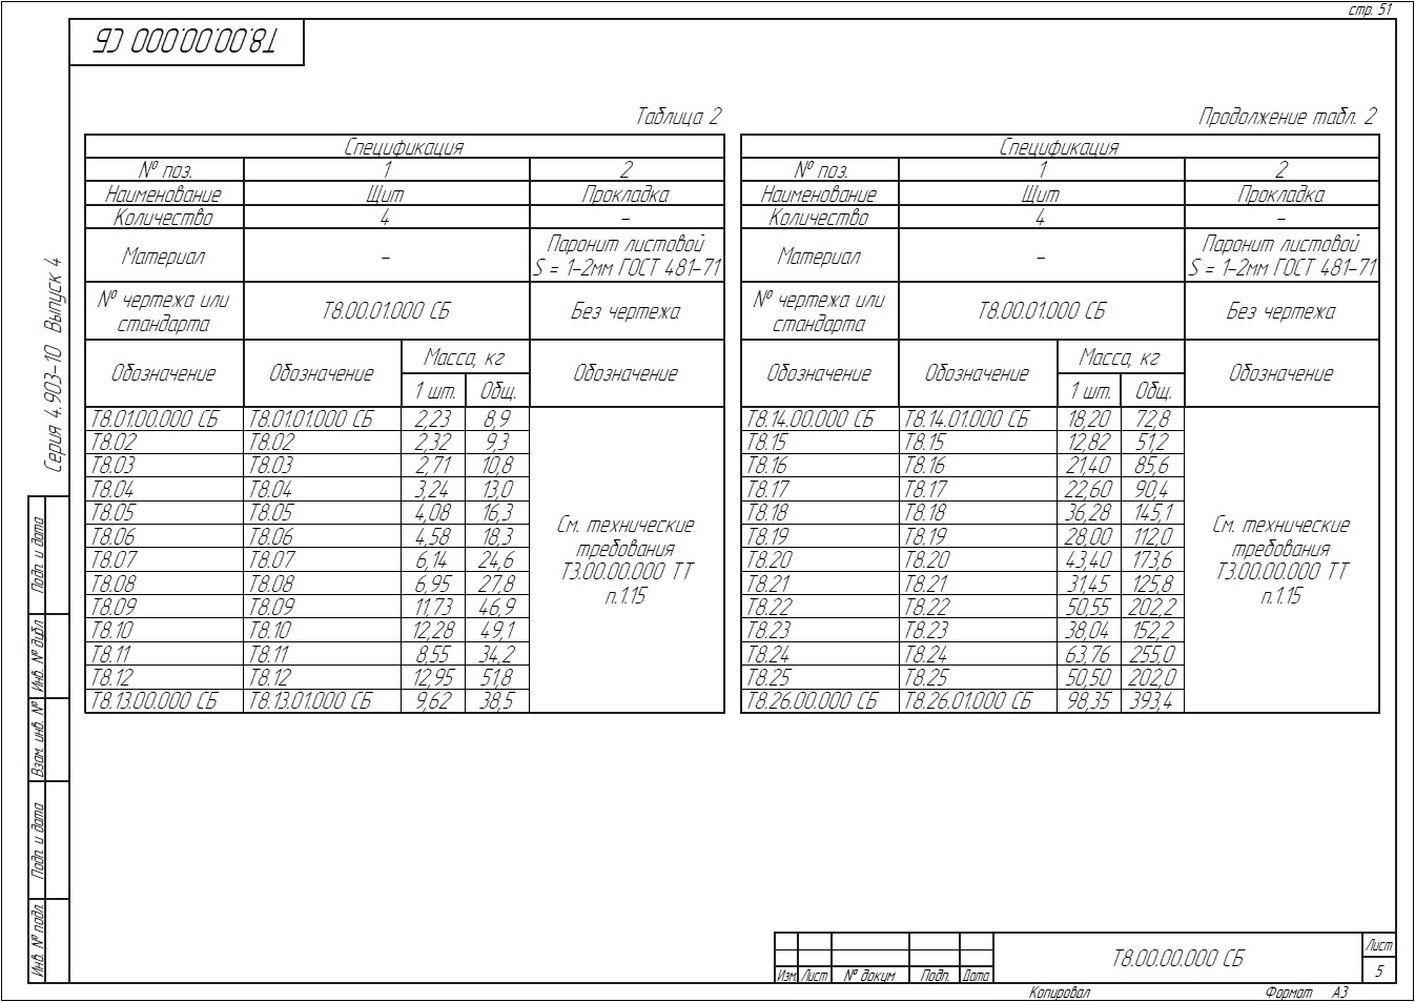 Опора неподвижная щитовая Т8 серия 4.903-10 вып.4 стр.5